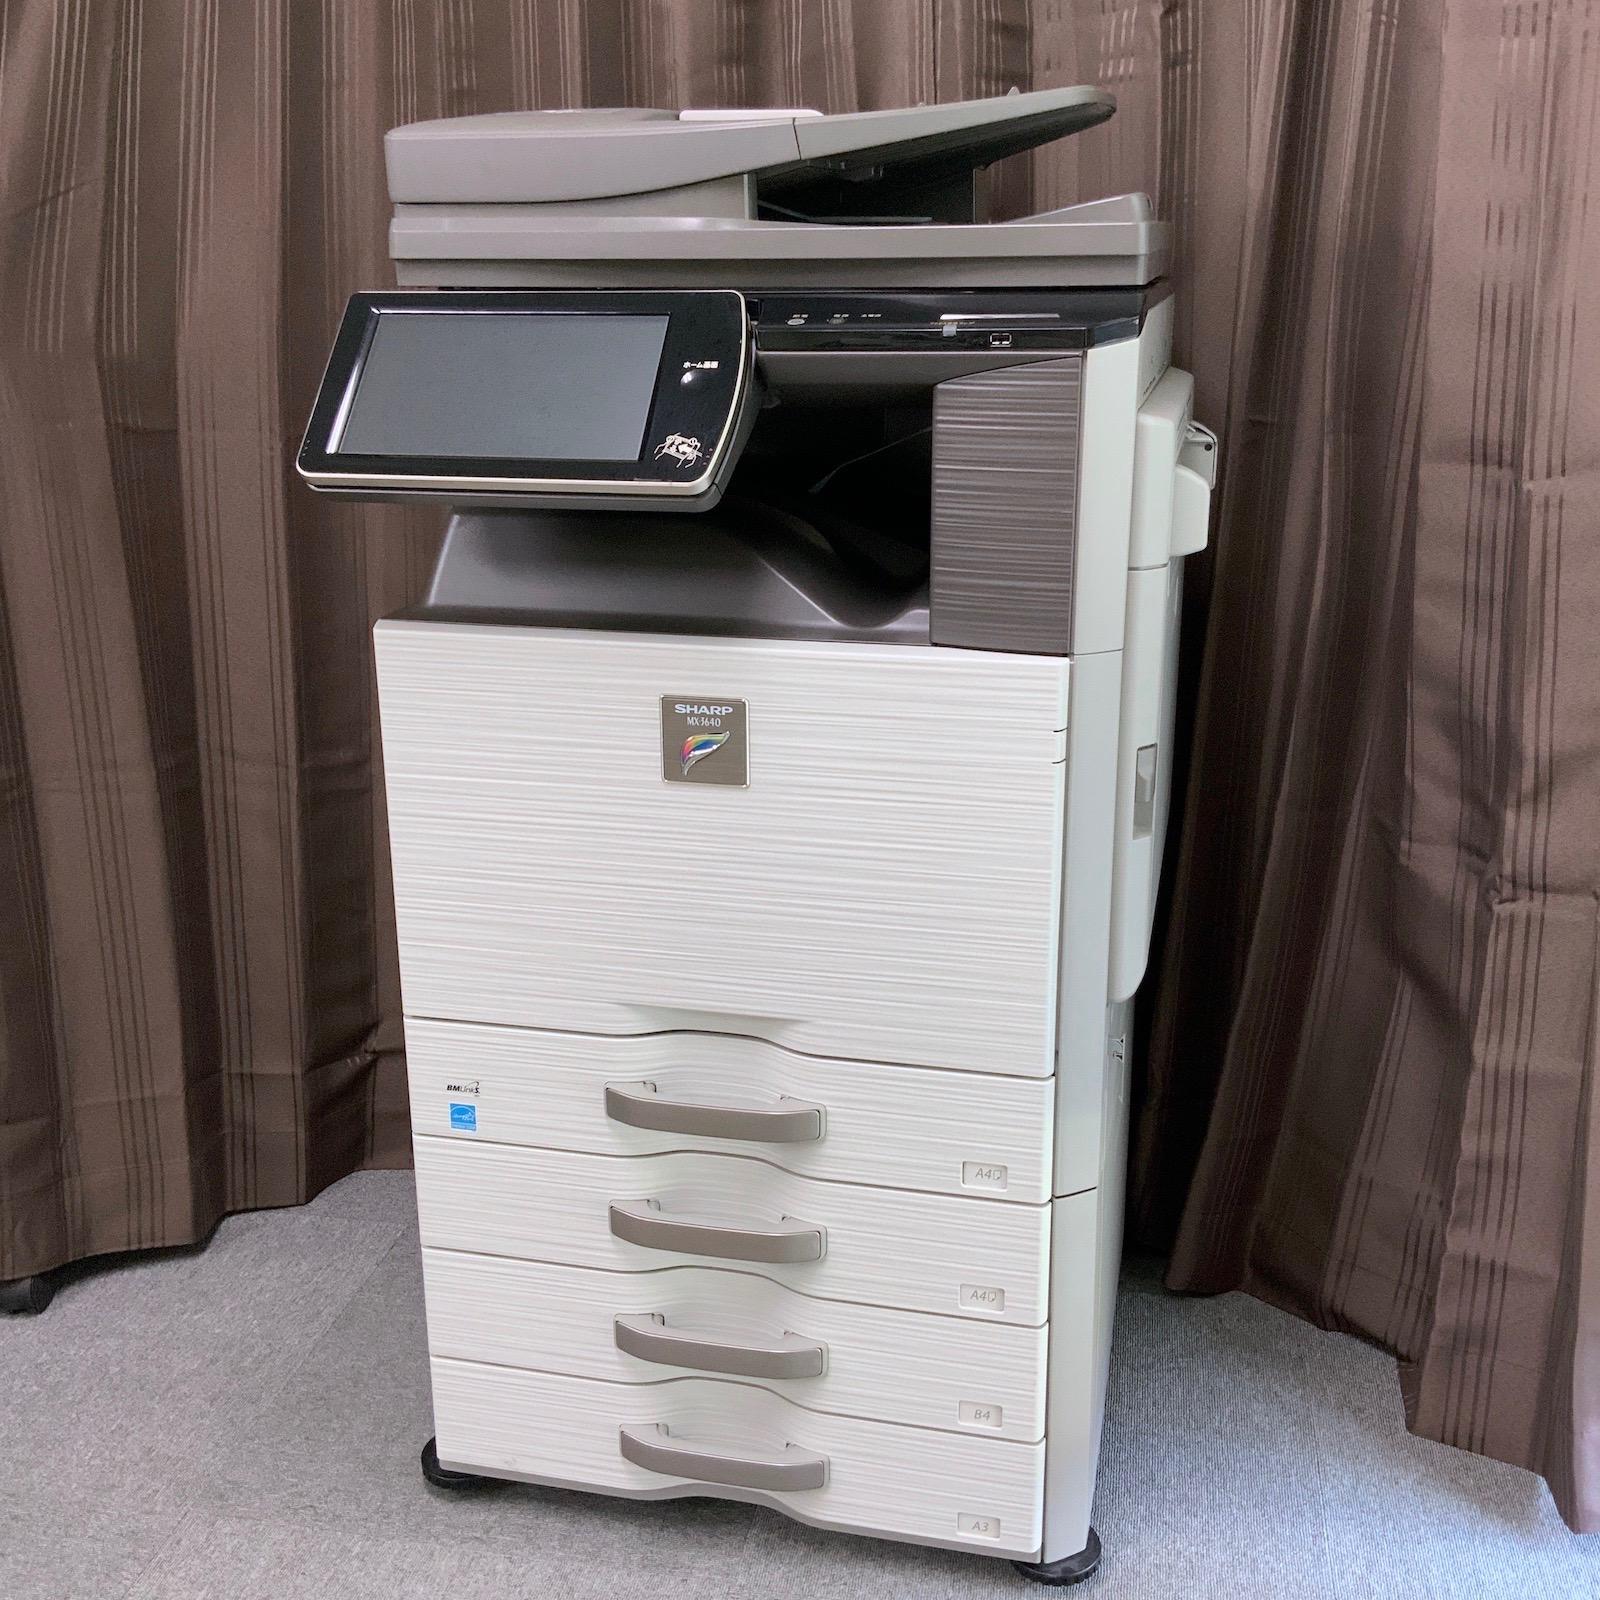 MX-2640FN(SHARP)中古カラー複合機・A3・Mac・無線LAN対応【コピヤス】